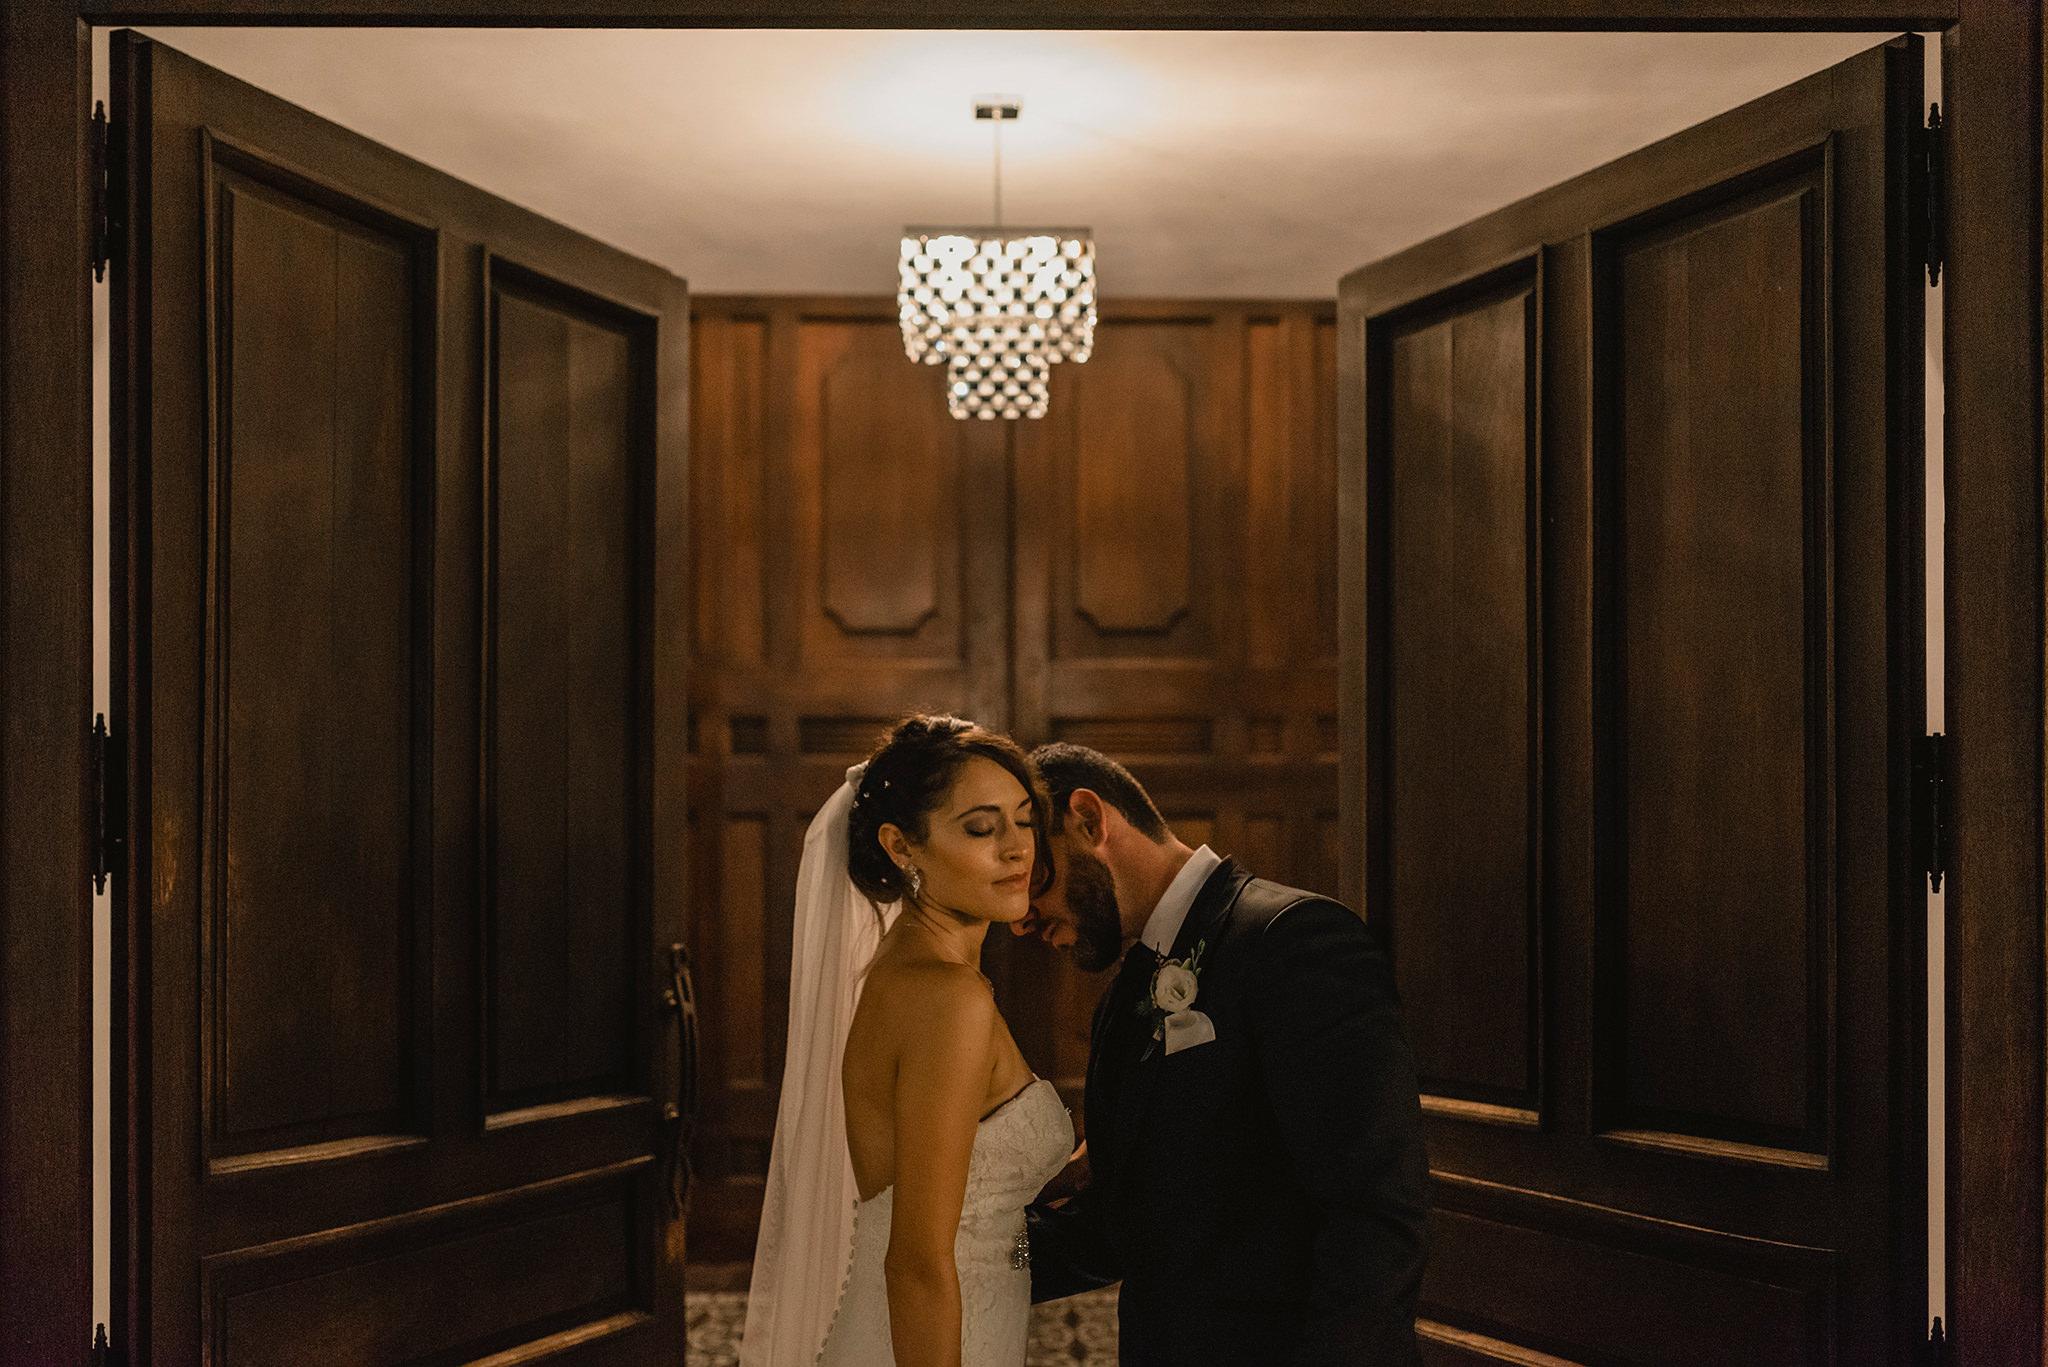 fotografia-natural-de-bodas-en-finca-yeguada-la-gloria